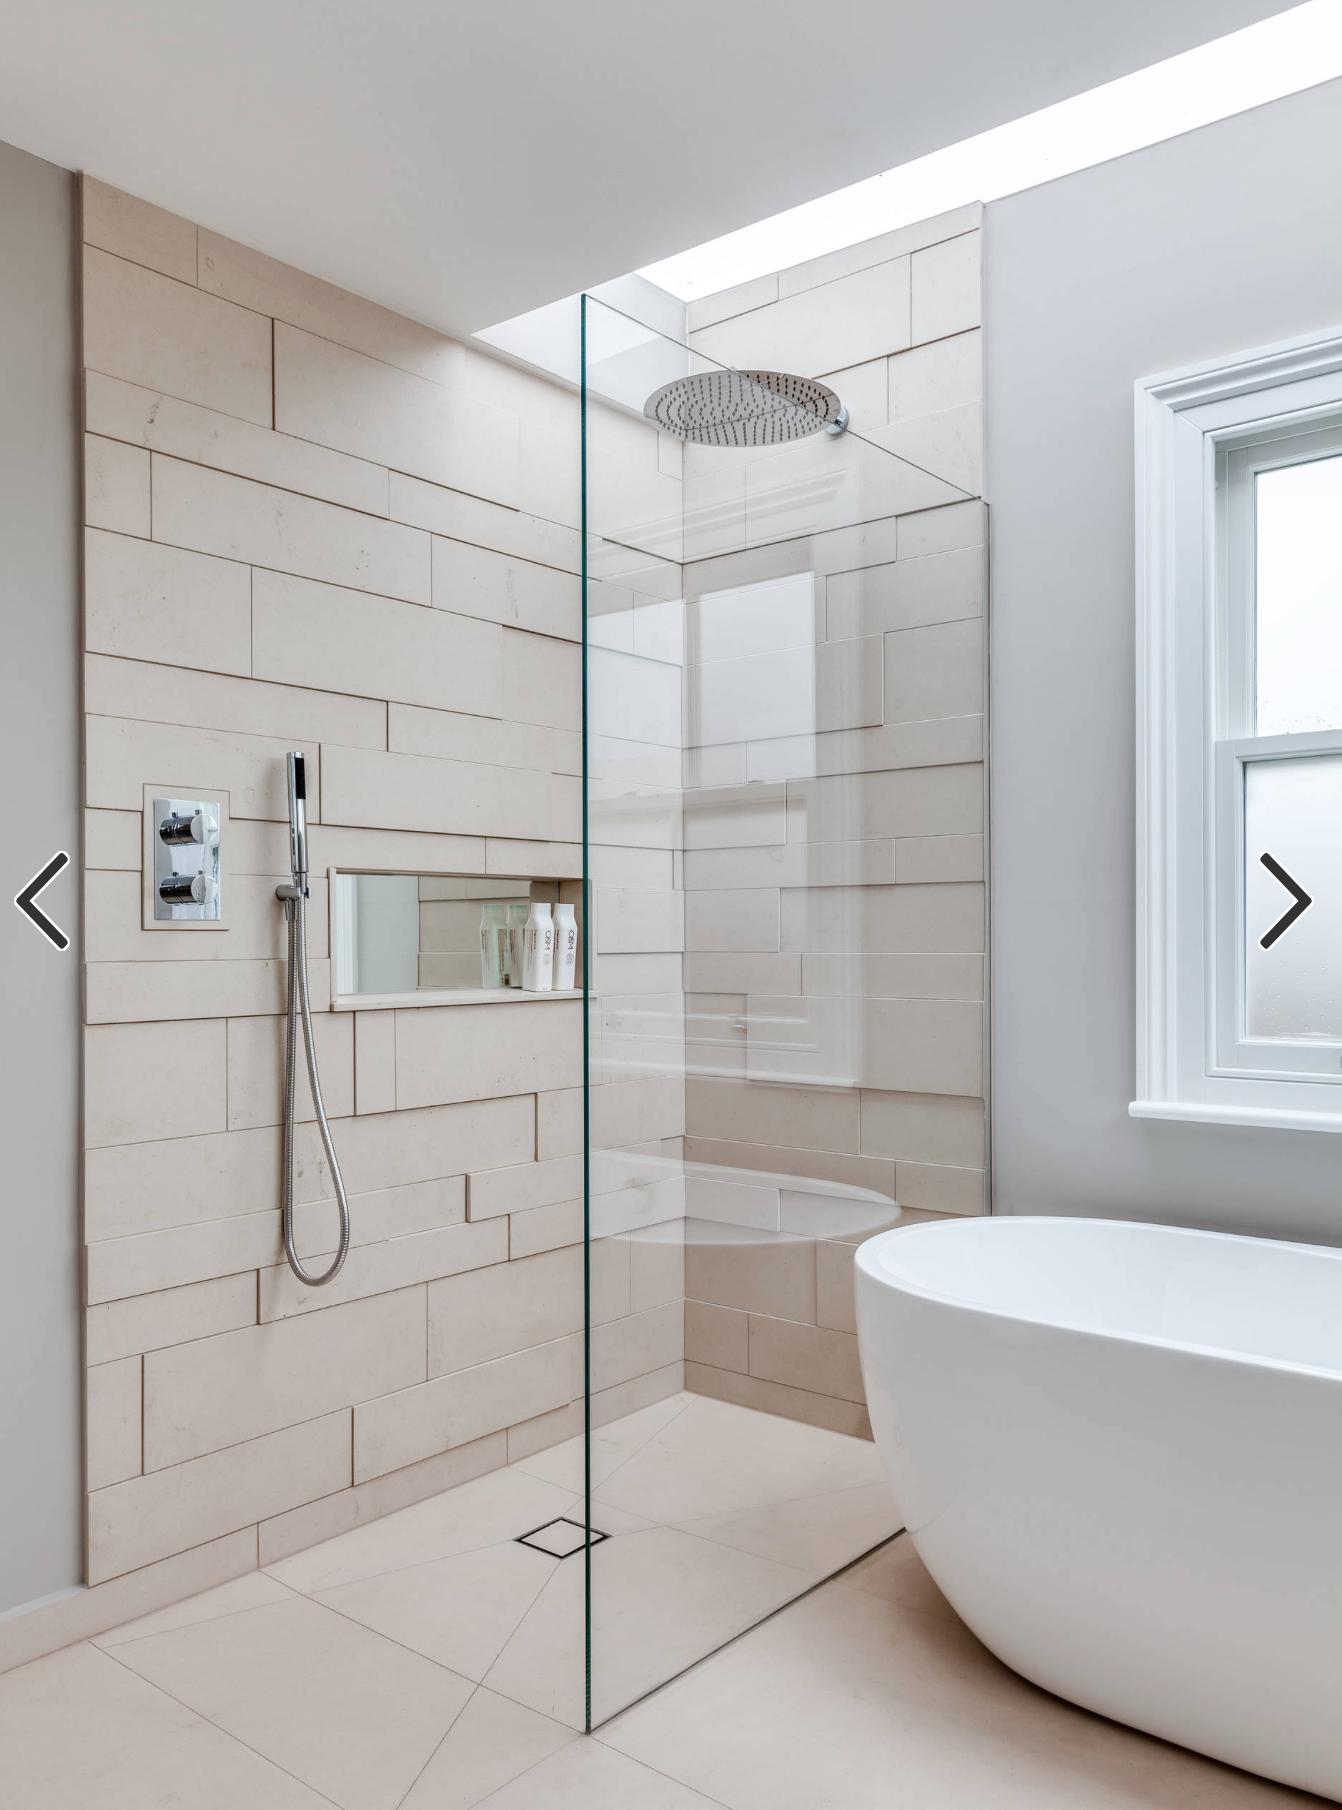 Sch ne dusche und wanne bathroom ideas pinterest for Badezimmer ebenerdige duschen